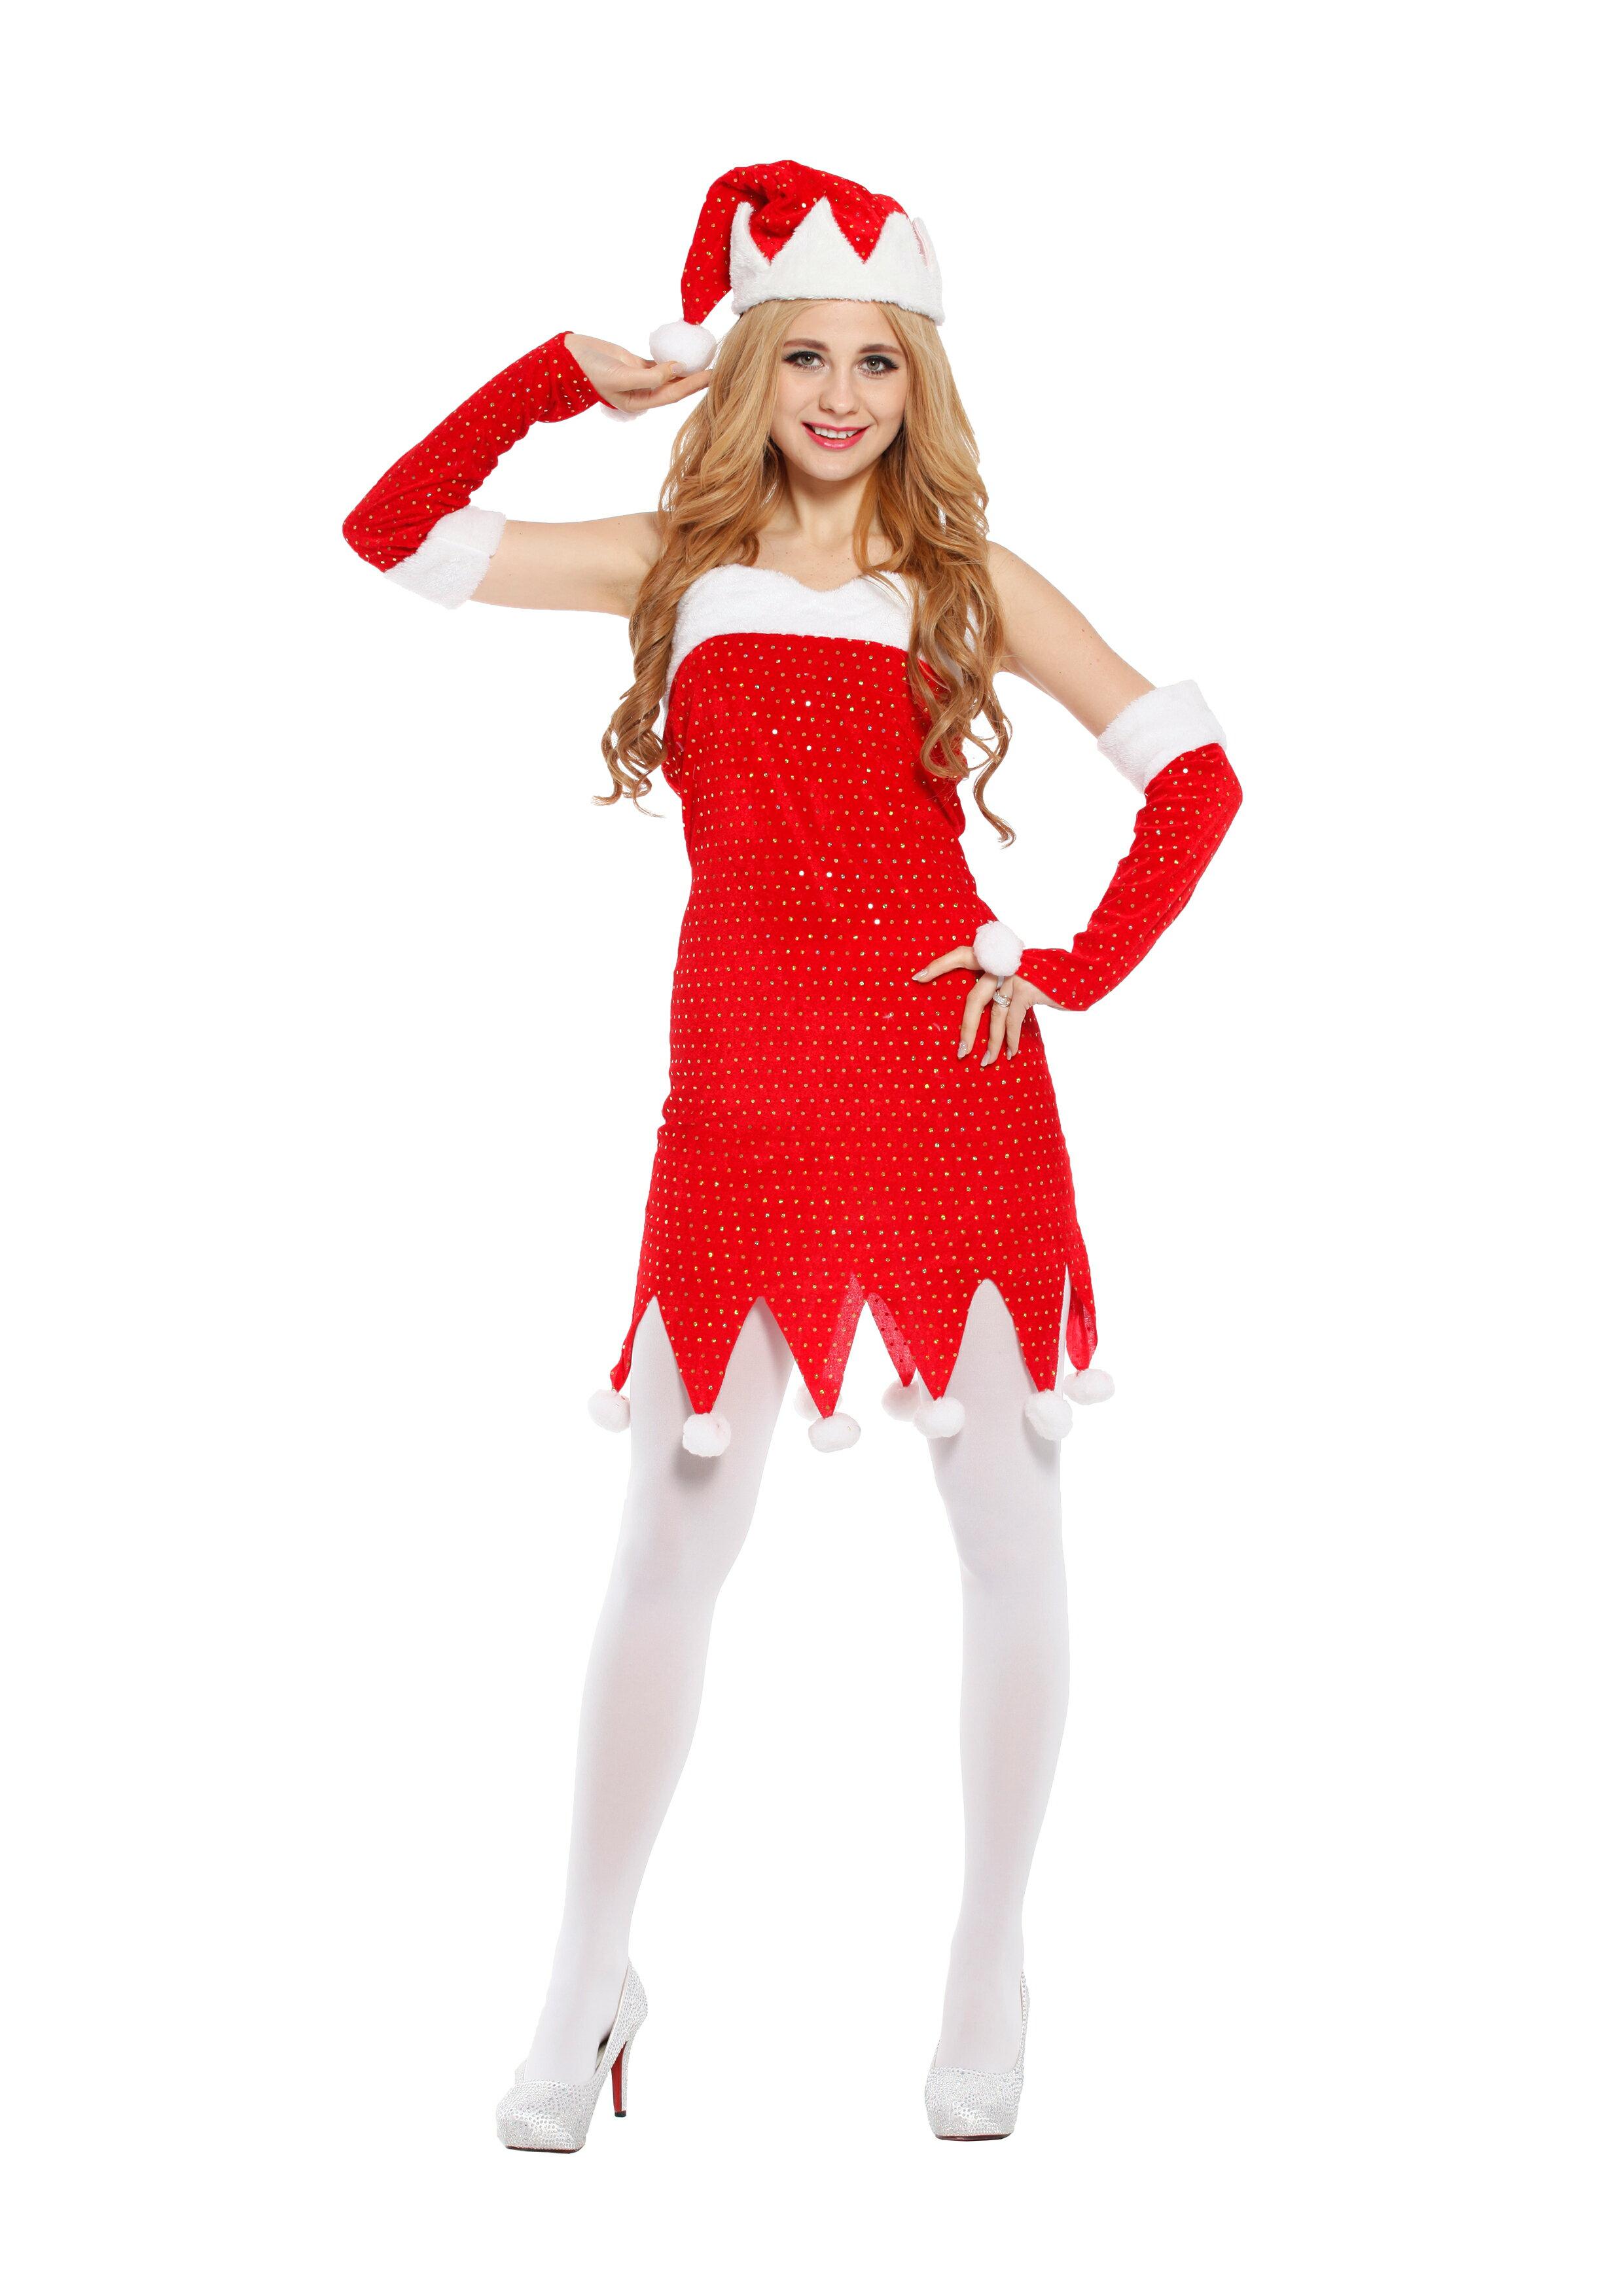 X射線~X380026~ 俏麗聖誕公主服, 舞會 尾牙 萬聖 聖誕 大人變裝 cospla